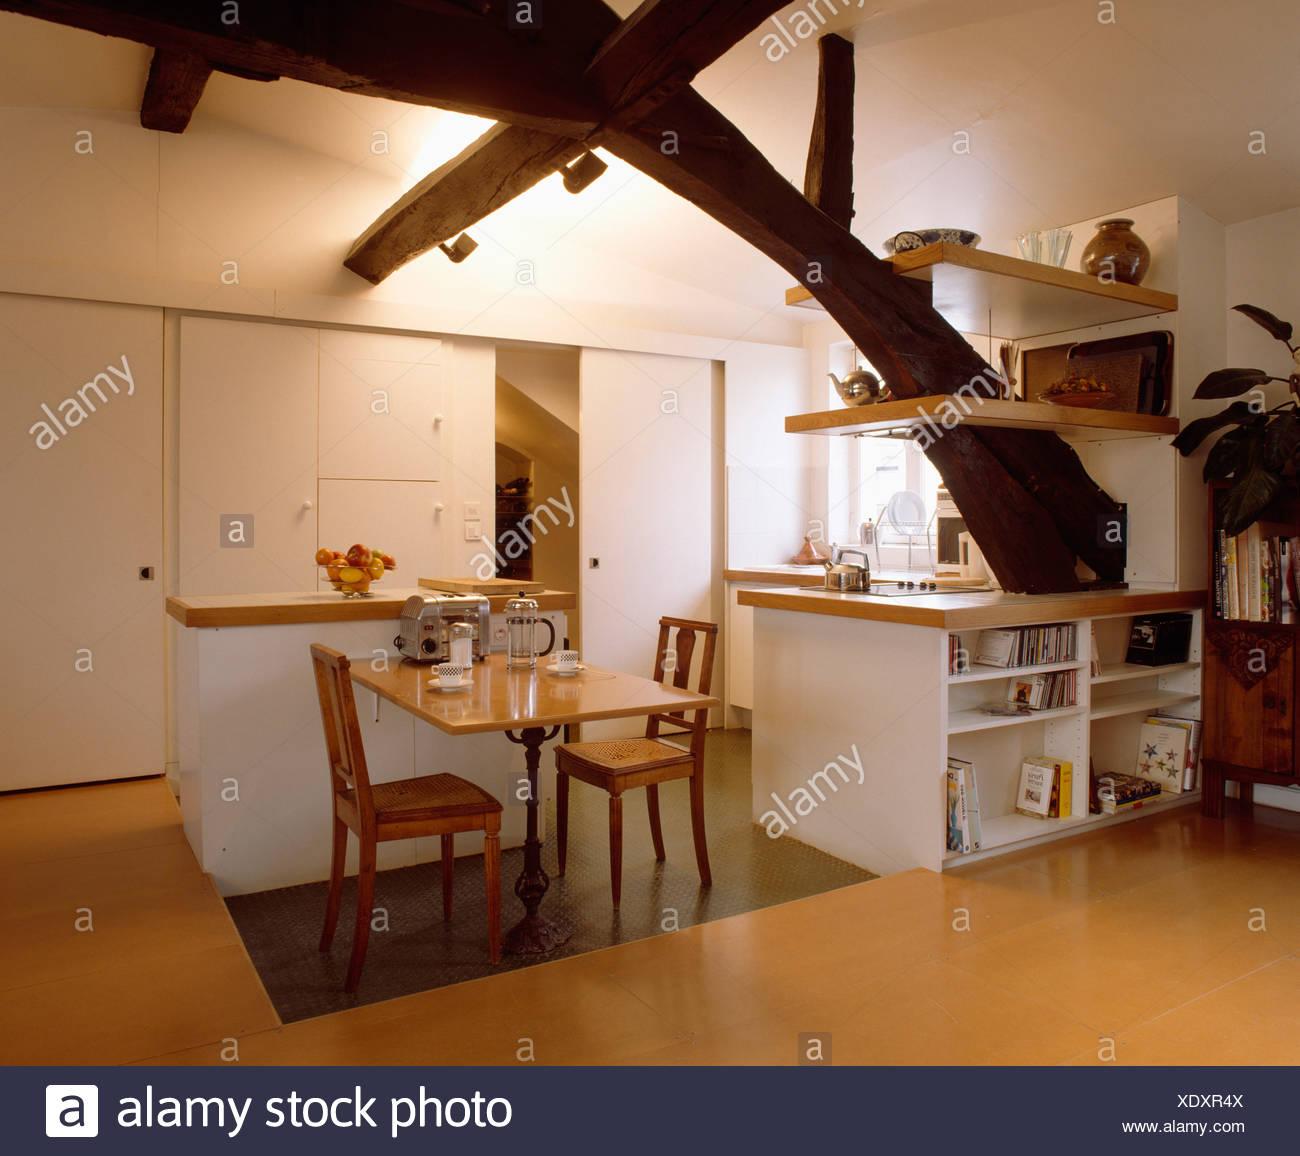 Holztisch Und Stuhle Im Weissen Loft Kuche Esszimmer Mit Regalen Auf